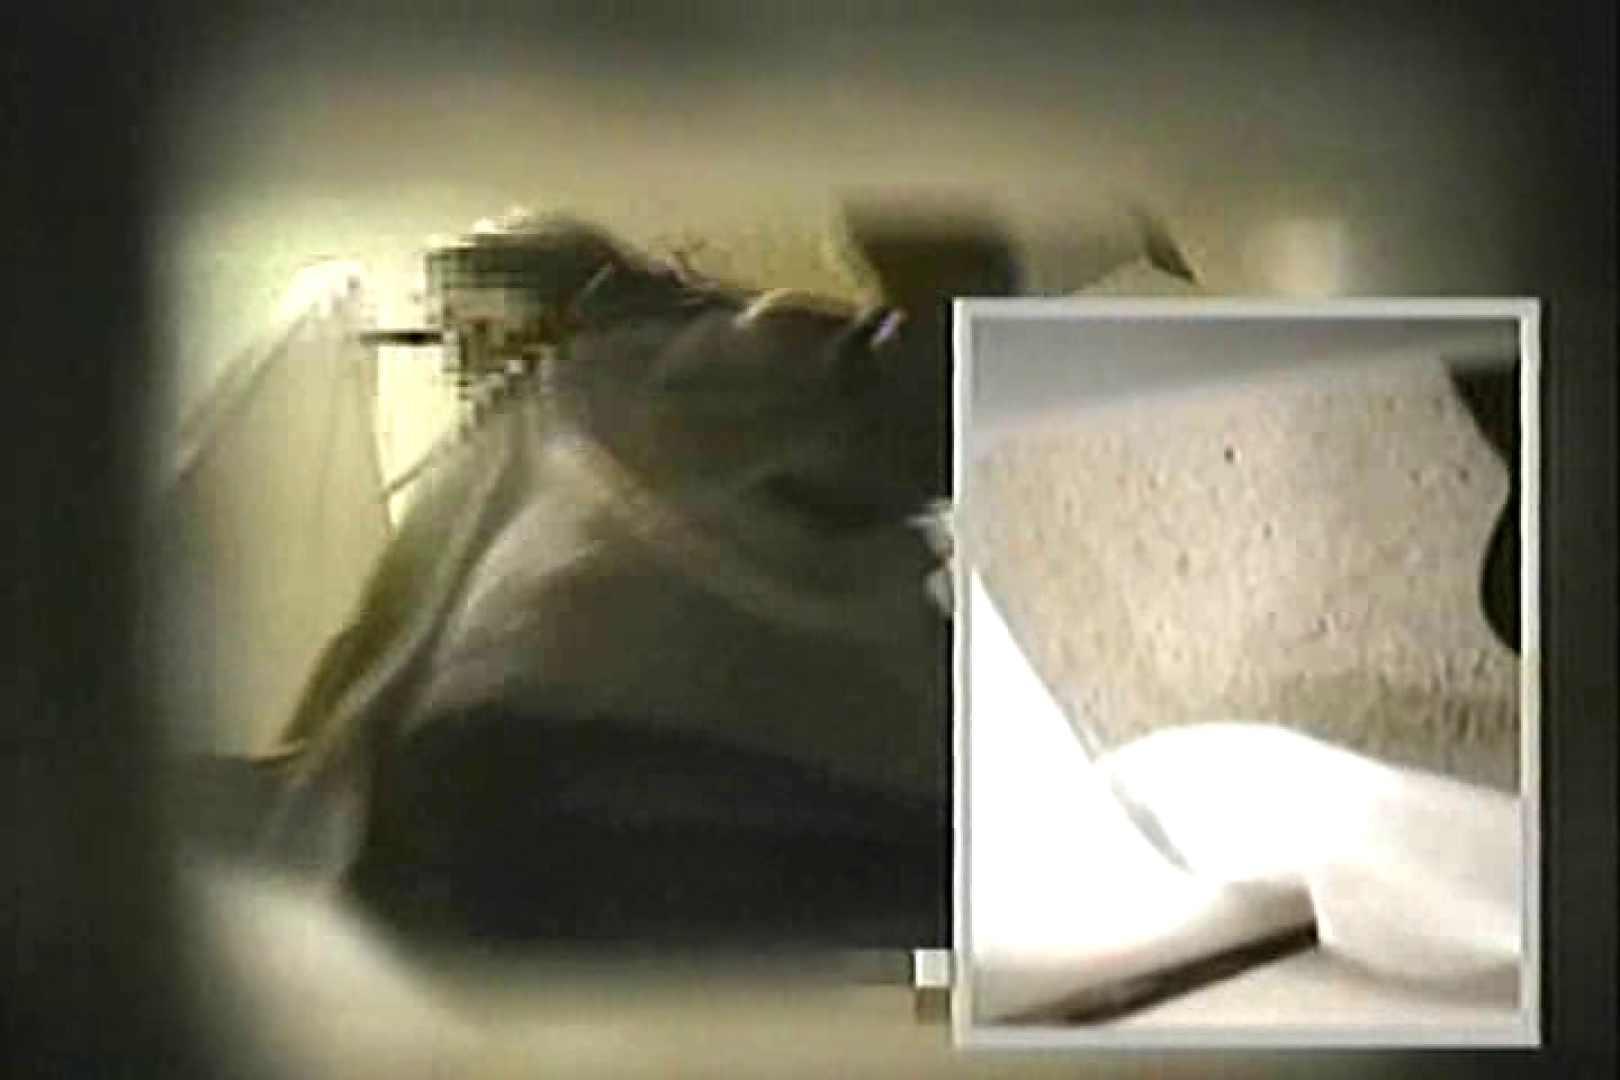 女子洗面所盗撮 今度の2カメは若い子だらけ  TK-127 マルチアングル AV無料 73PIX 64